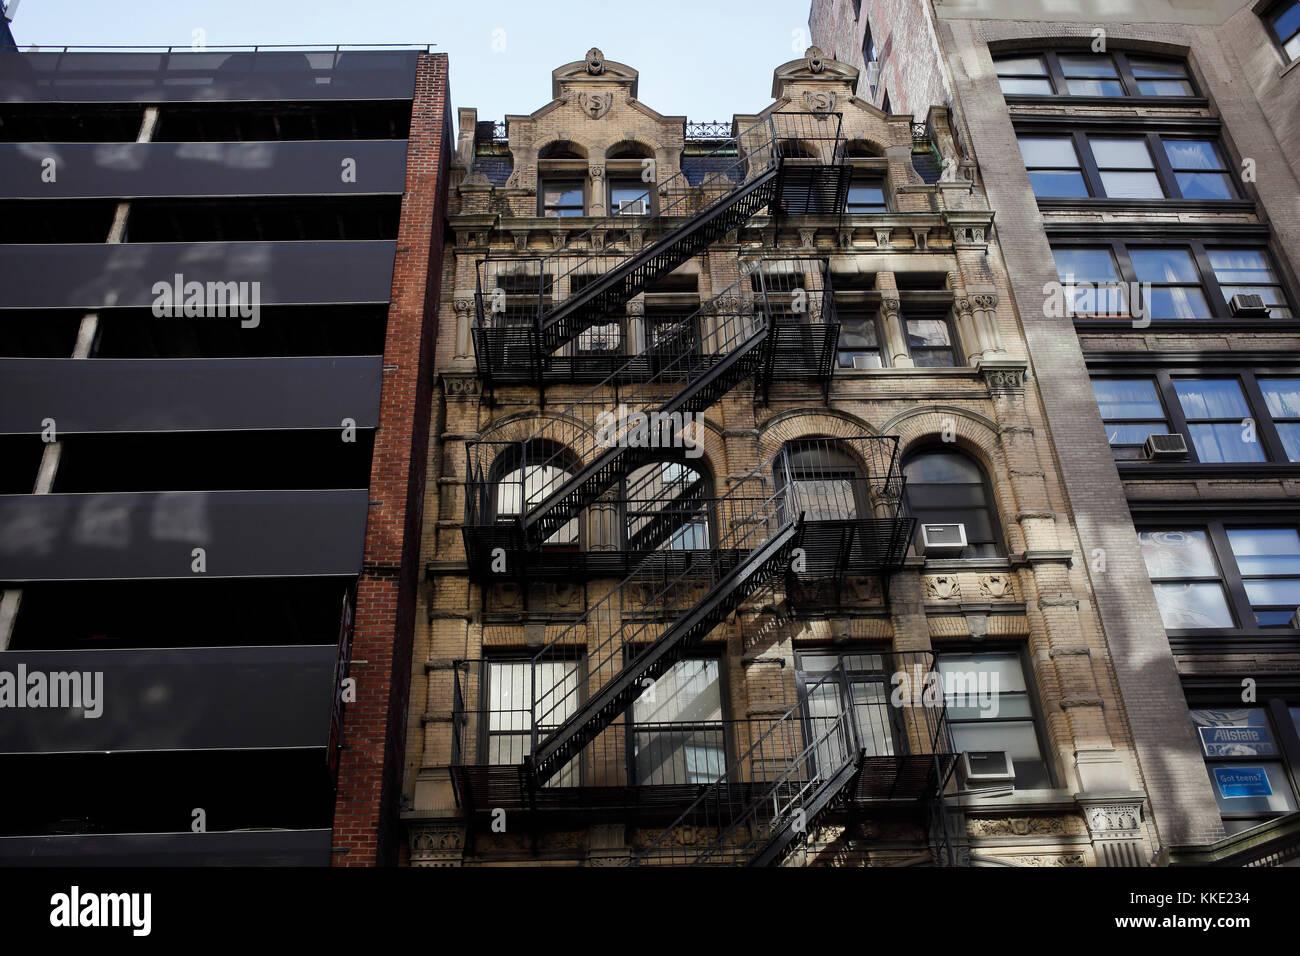 Gebäude mit flämischen Stil Architektur in New York City Stockbild